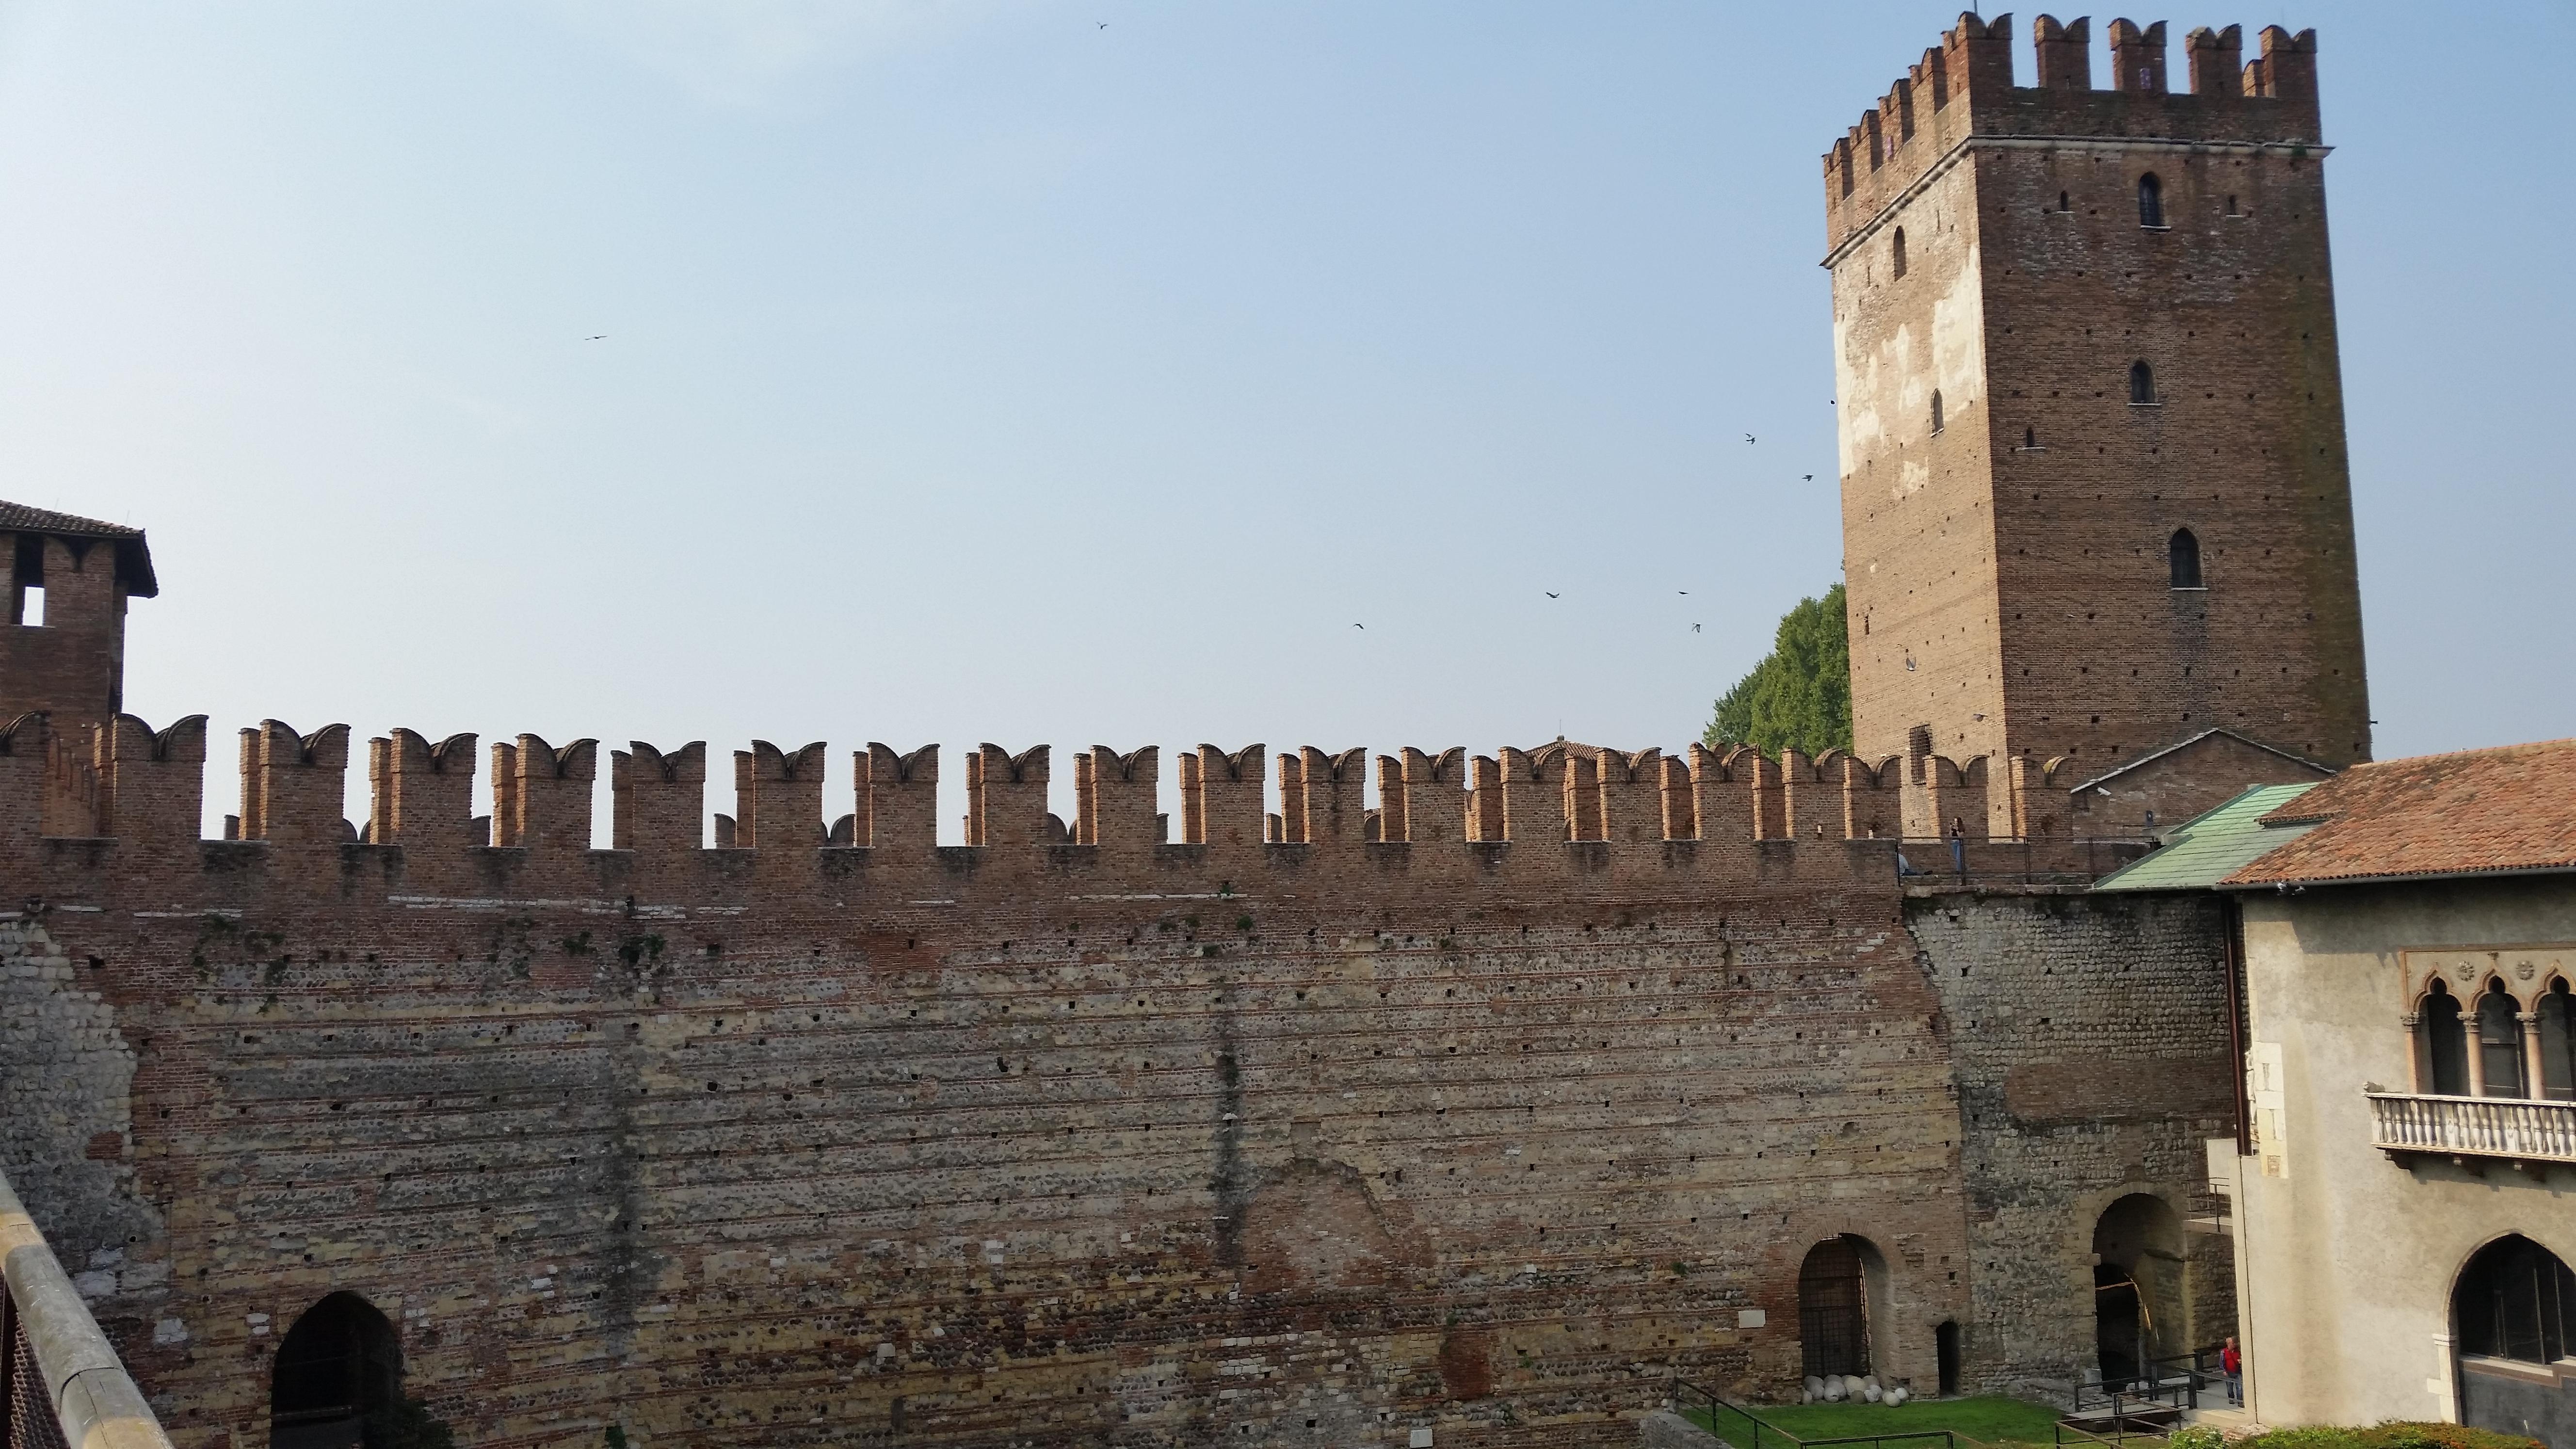 Museo Di Castelvecchio.File Museo Di Castelvecchio Verona 4 Jpg Wikimedia Commons